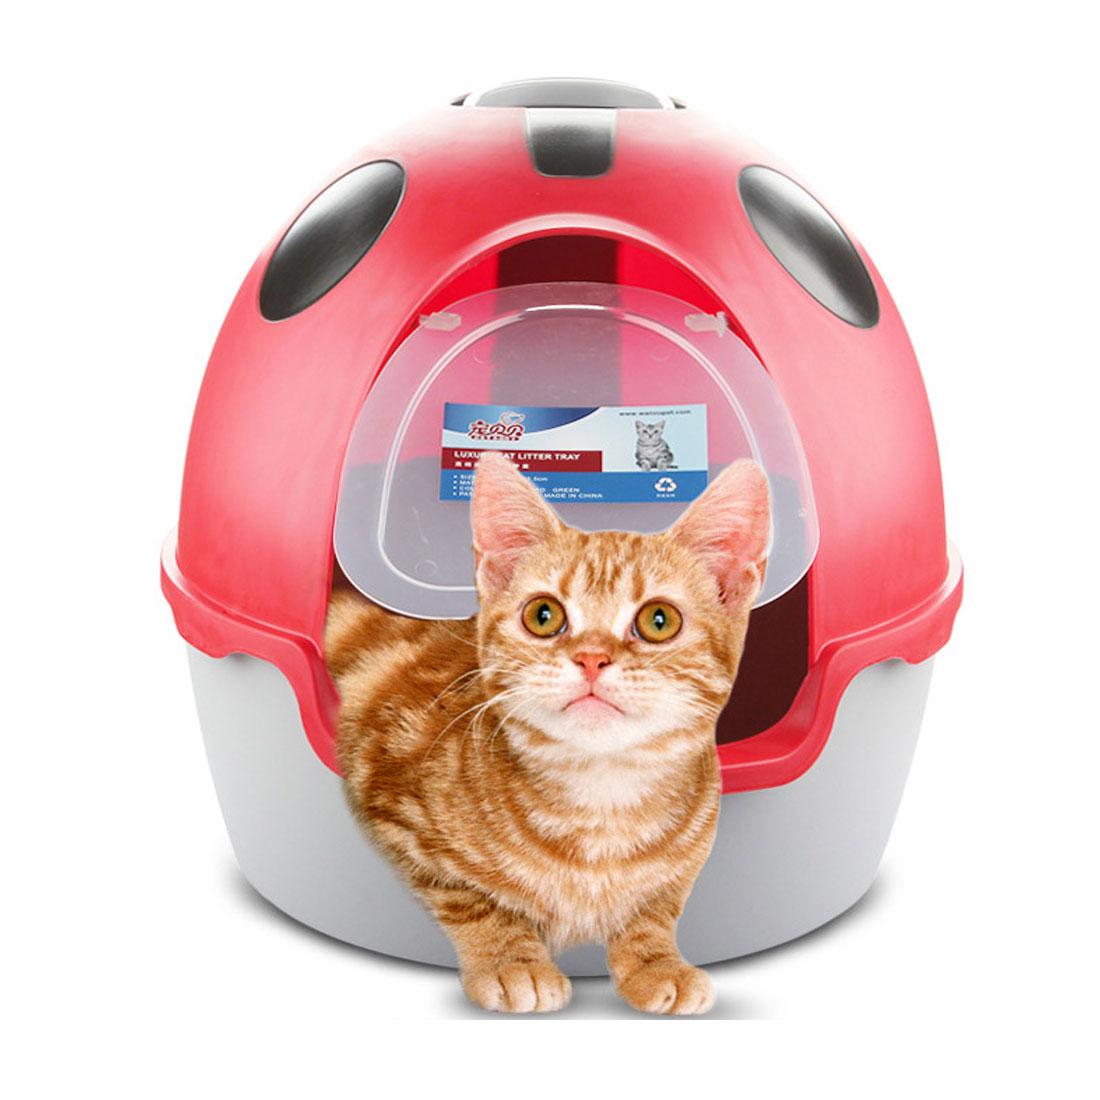 Лучший Подарок для Кошек 2016 Новый Топ Высокое Качество Кошки туалет полностью Закрытый Ящик Для Мусора Большие Кошка Горшок для Домашних Животных 3 Цвета Pet-расходные материалы